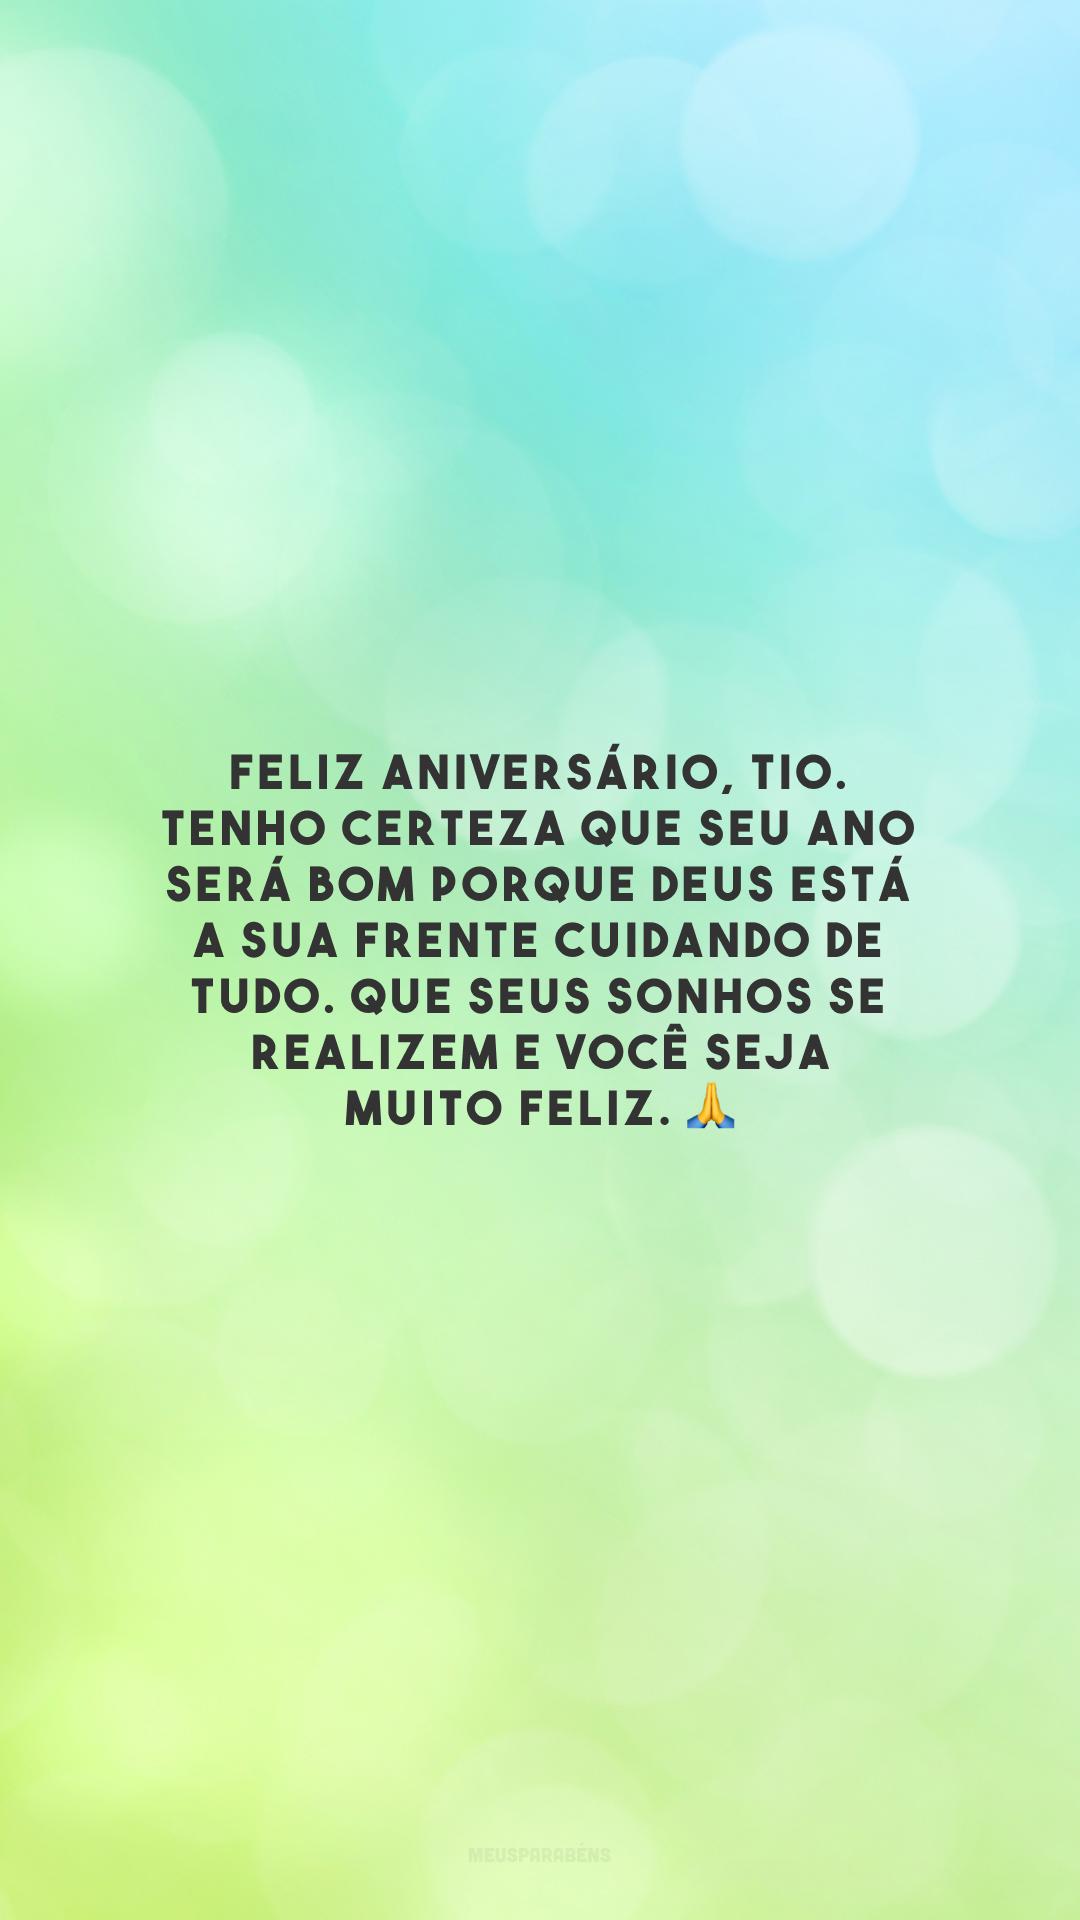 Feliz aniversário, tio. Tenho certeza que seu ano será bom porque Deus está a sua frente cuidando de tudo. Que seus sonhos se realizem e você seja muito feliz. 🙏